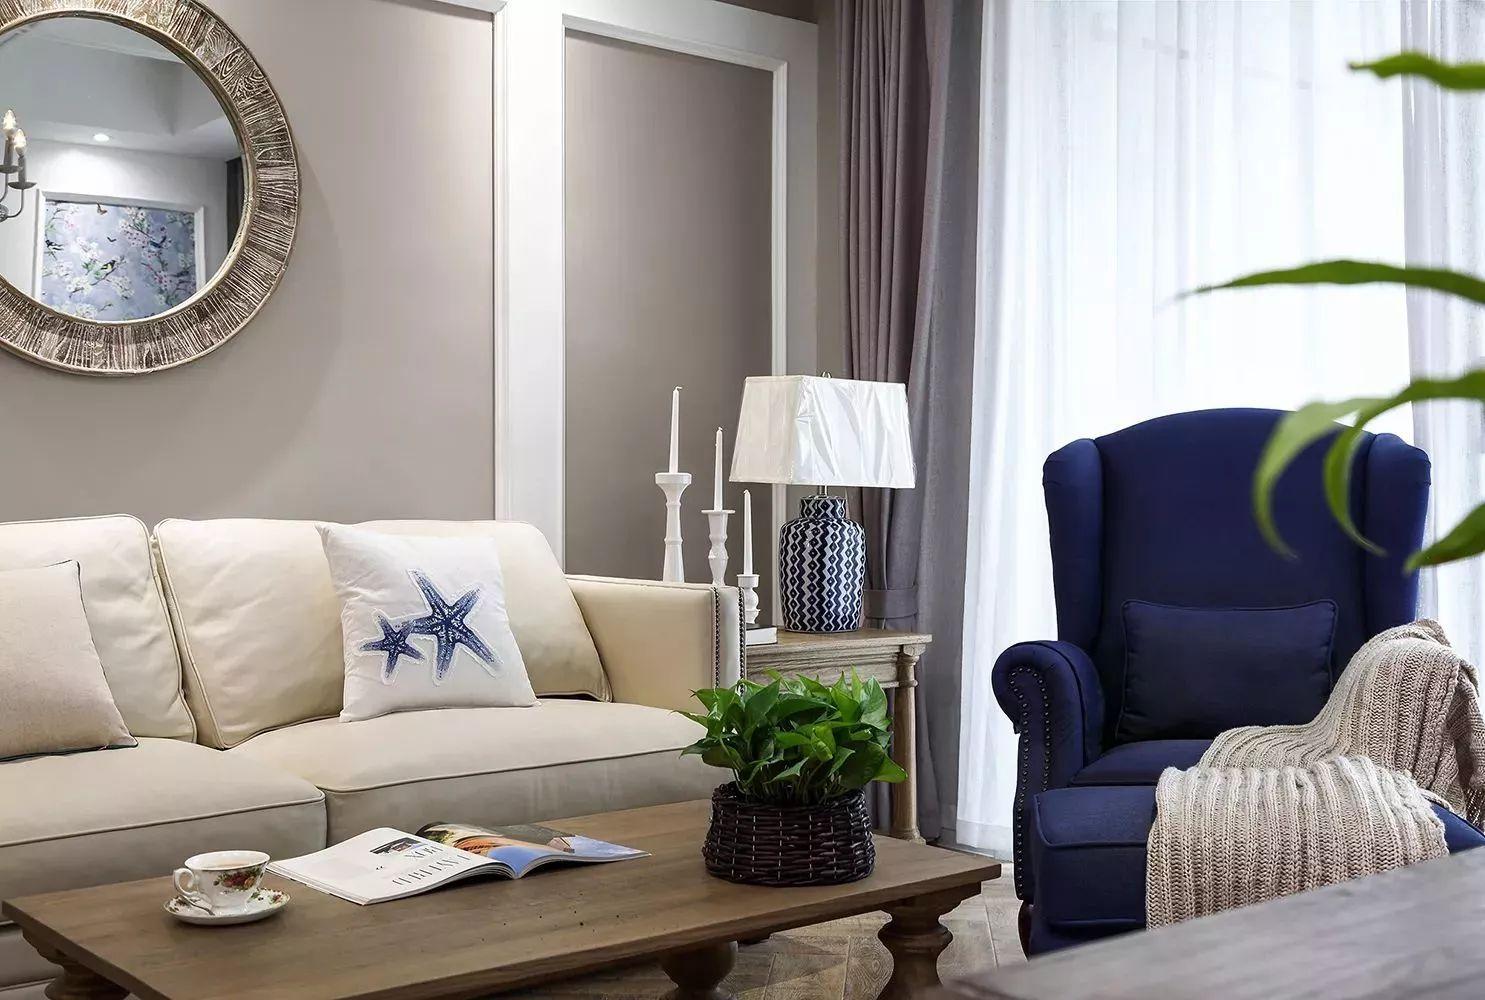 电视墙左侧摆2个蓝色透明玻璃瓶,插上绿意的假花,搭配上电视墙上的